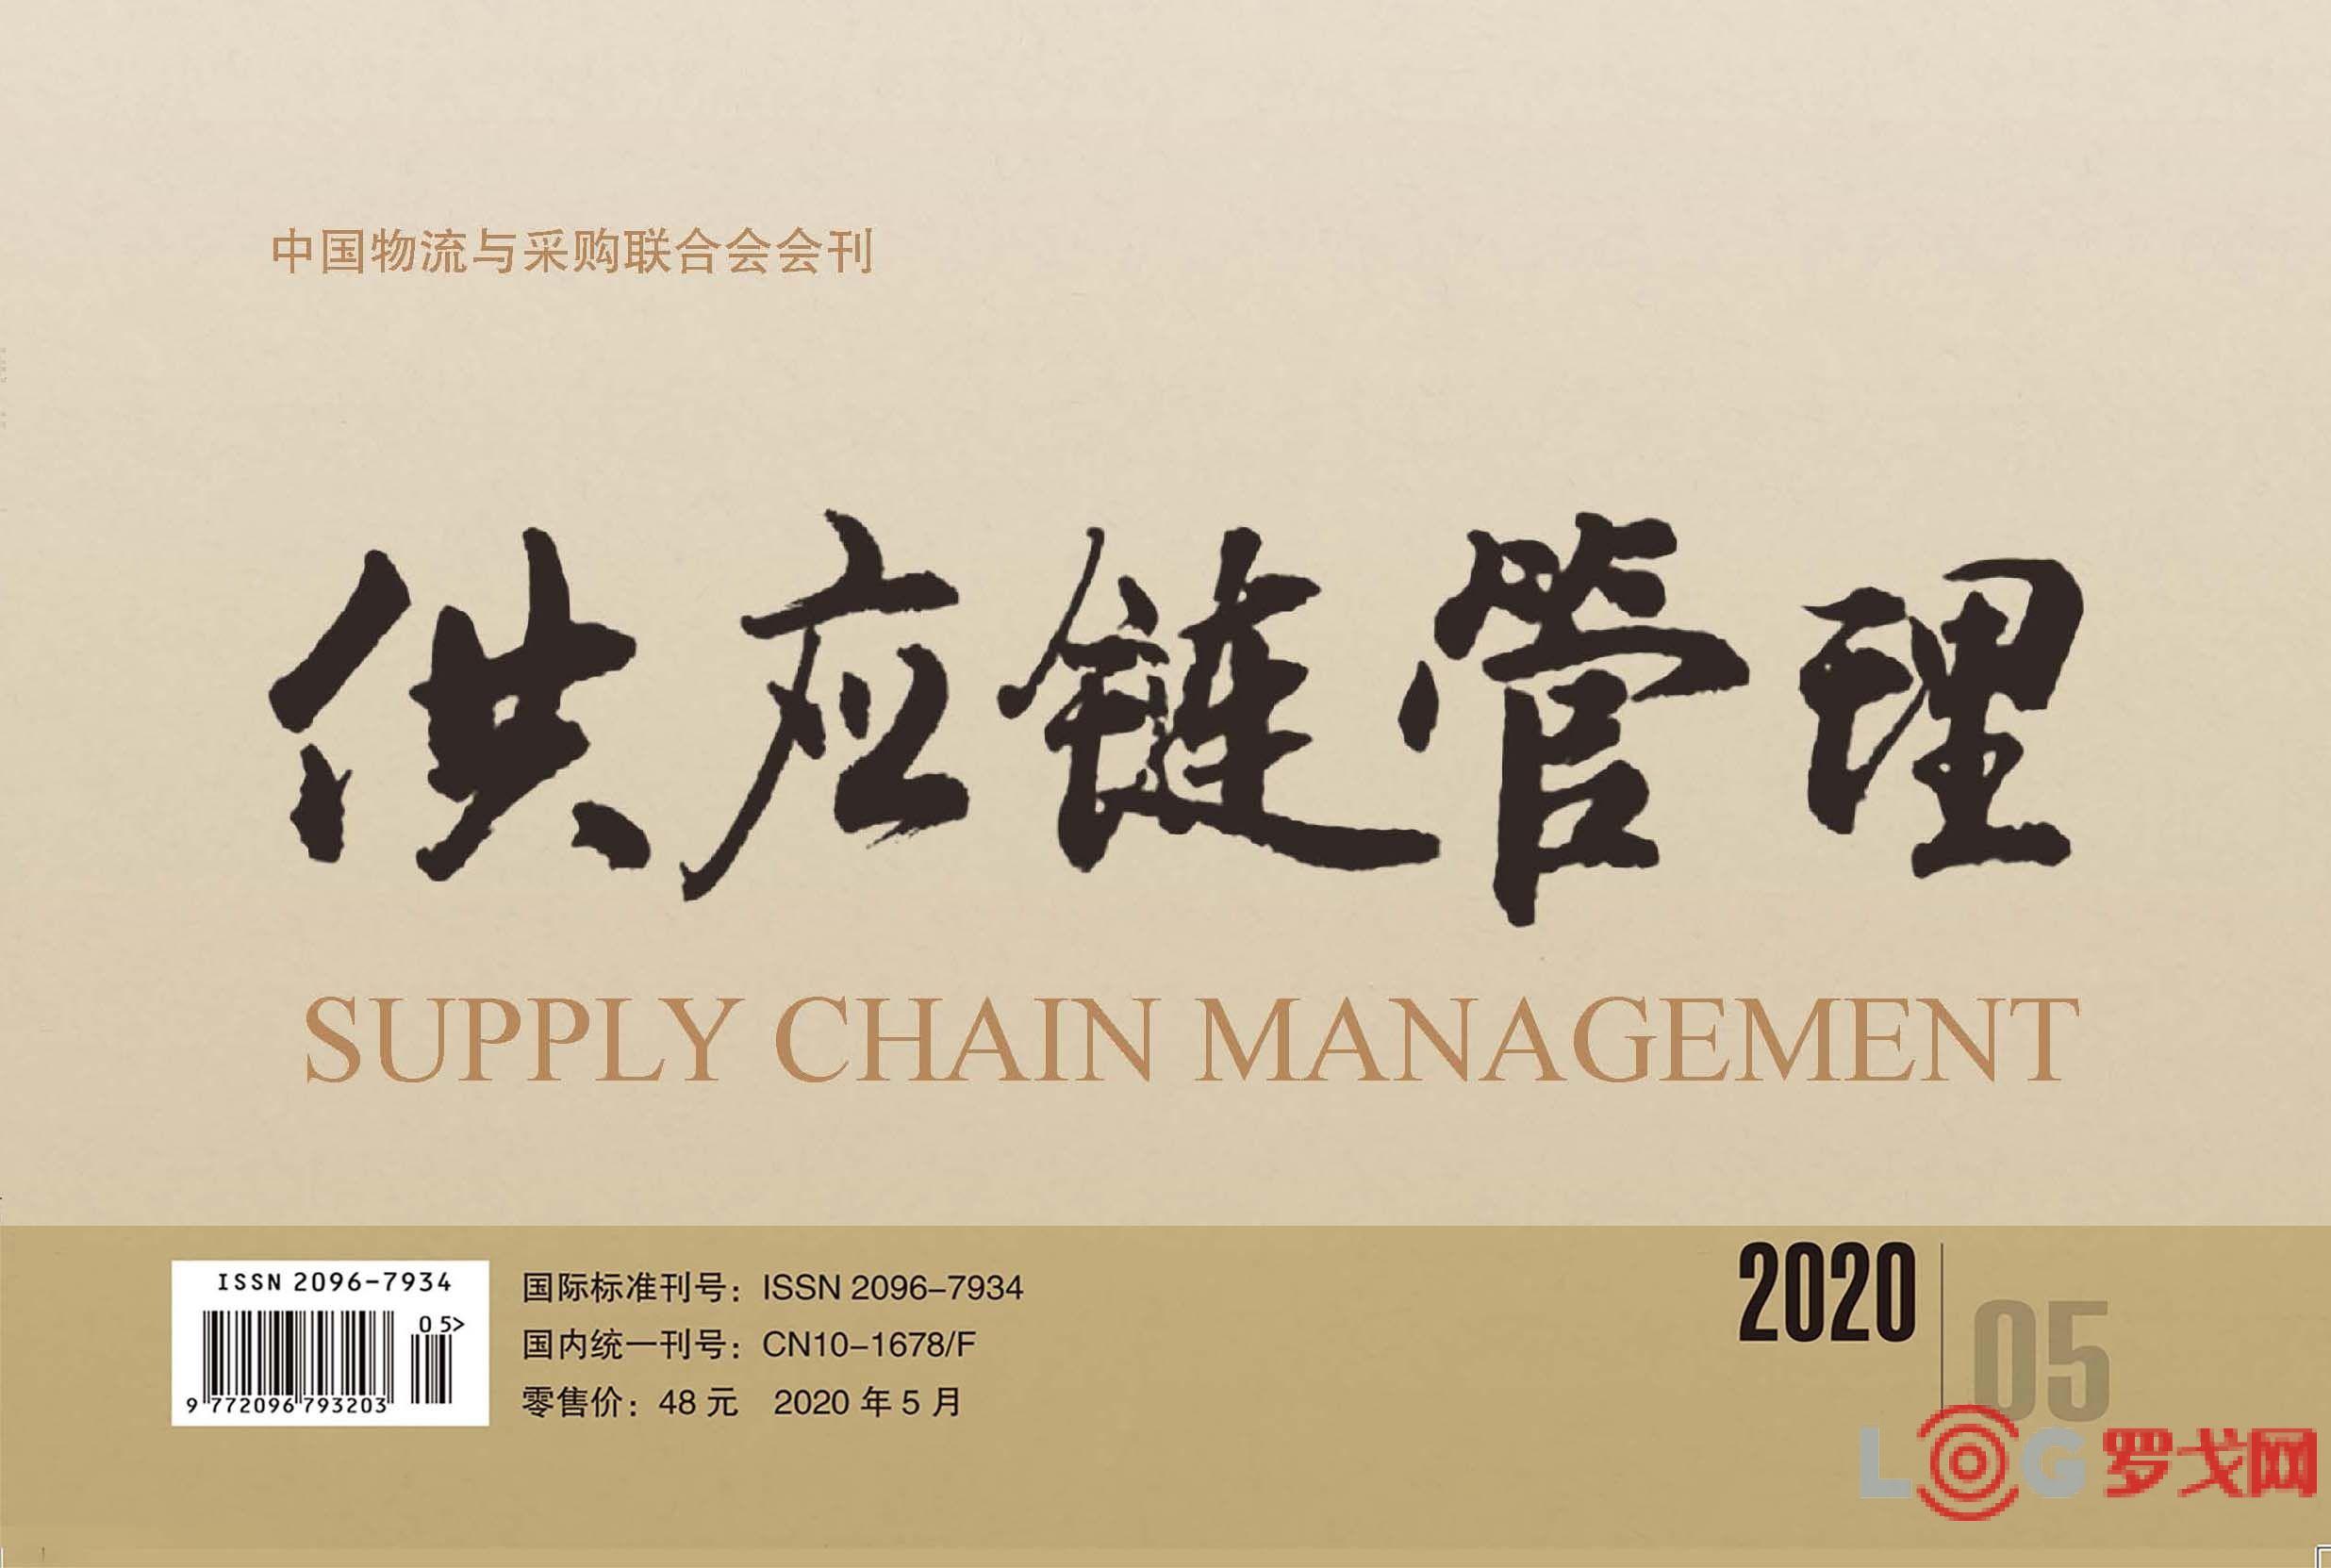 中国唯一《供应链管理》杂志电子版 2020-05期